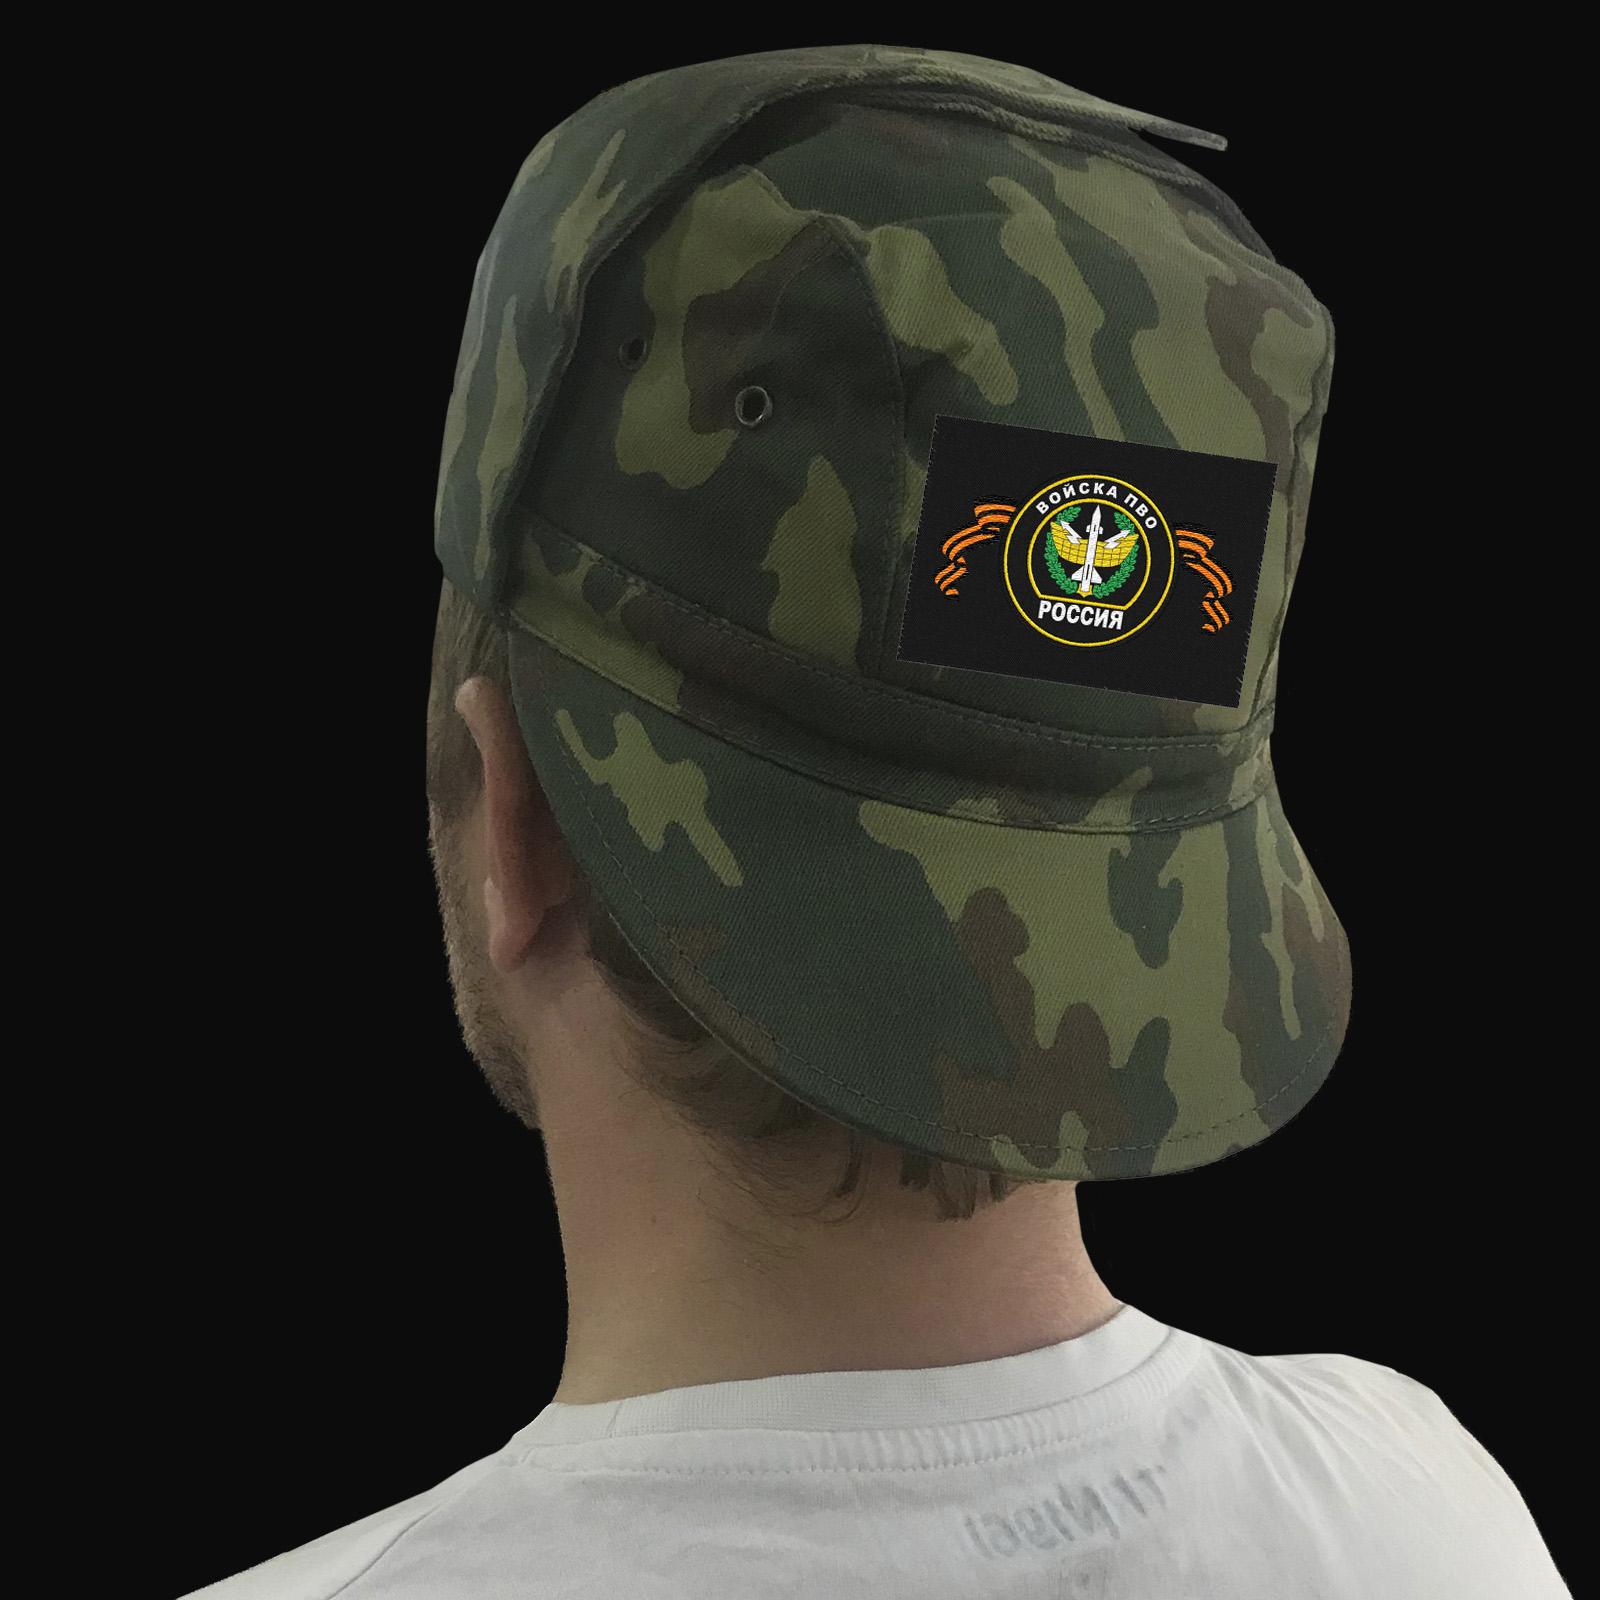 Кепки и бейсболки с символикой войск Противовоздушной обороны России